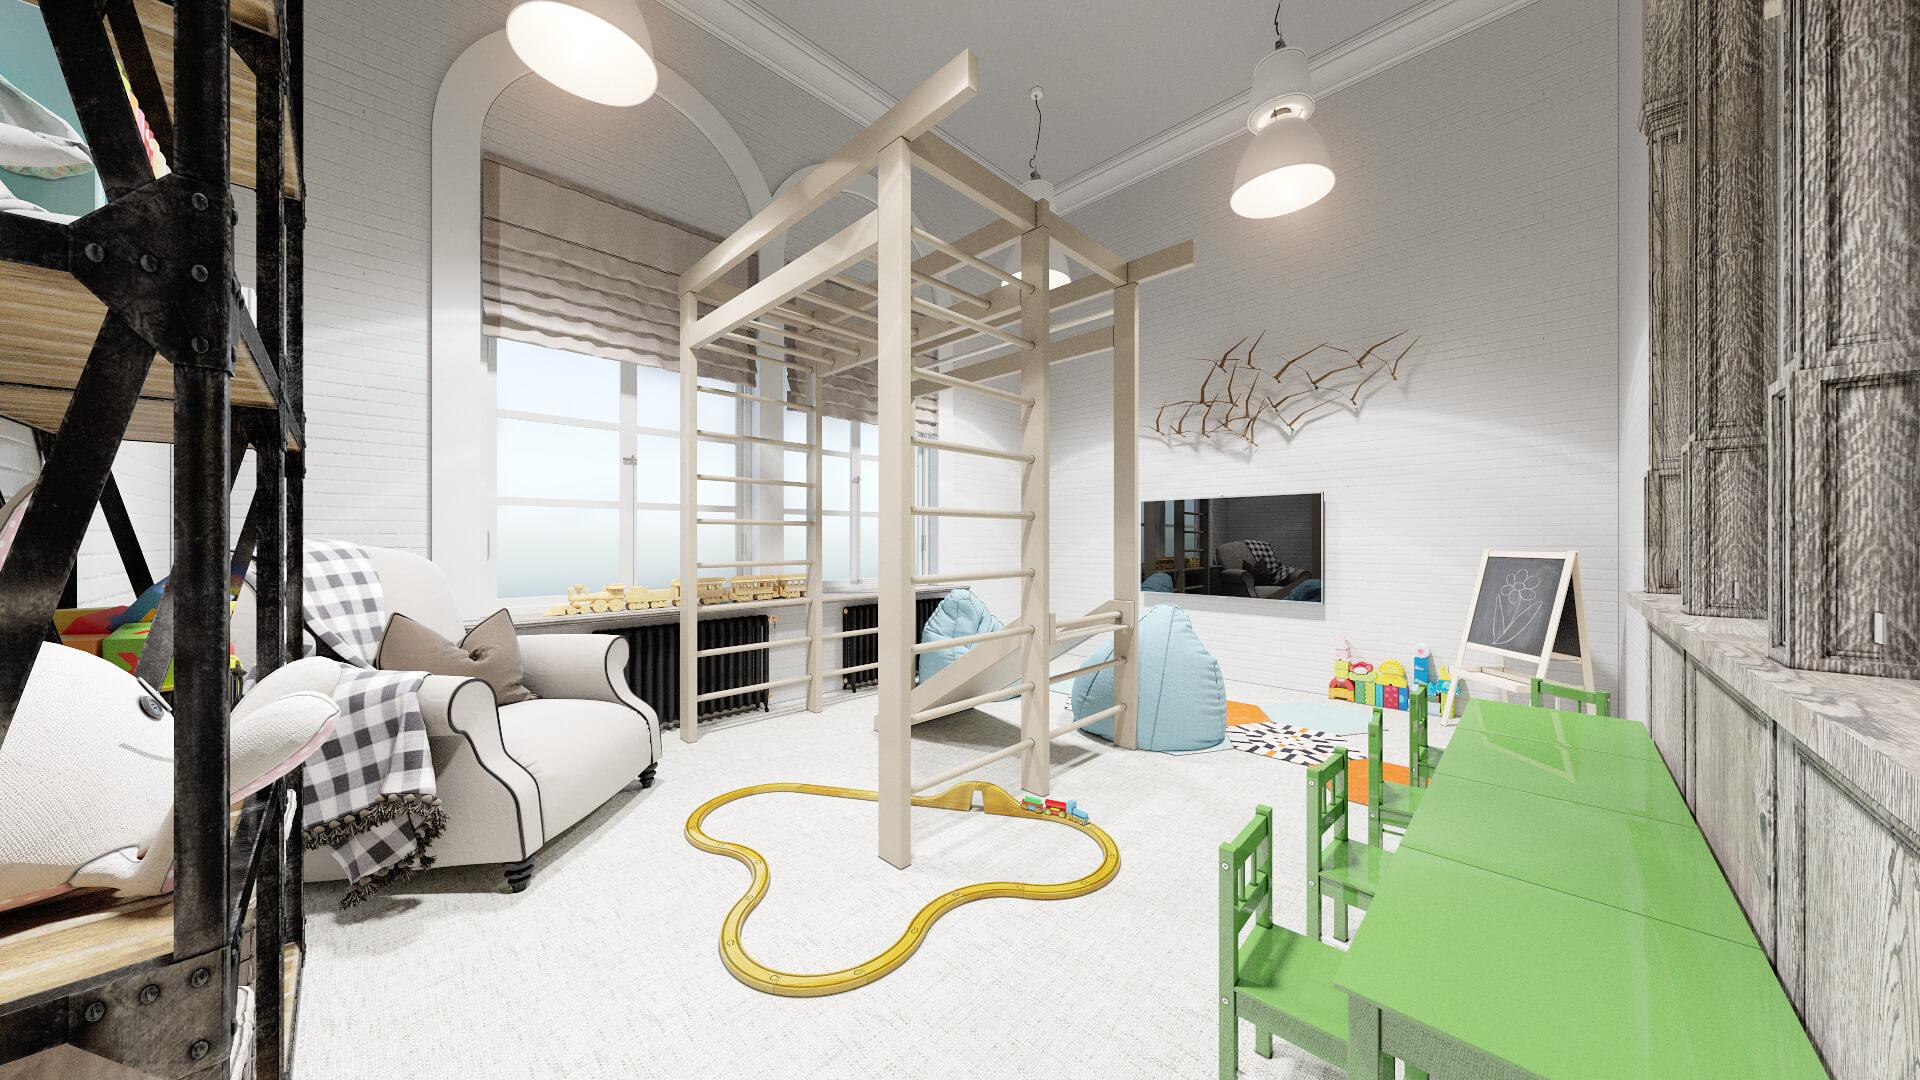 Комната для детей строй. компании г. Москва стиль Loft (лофт)